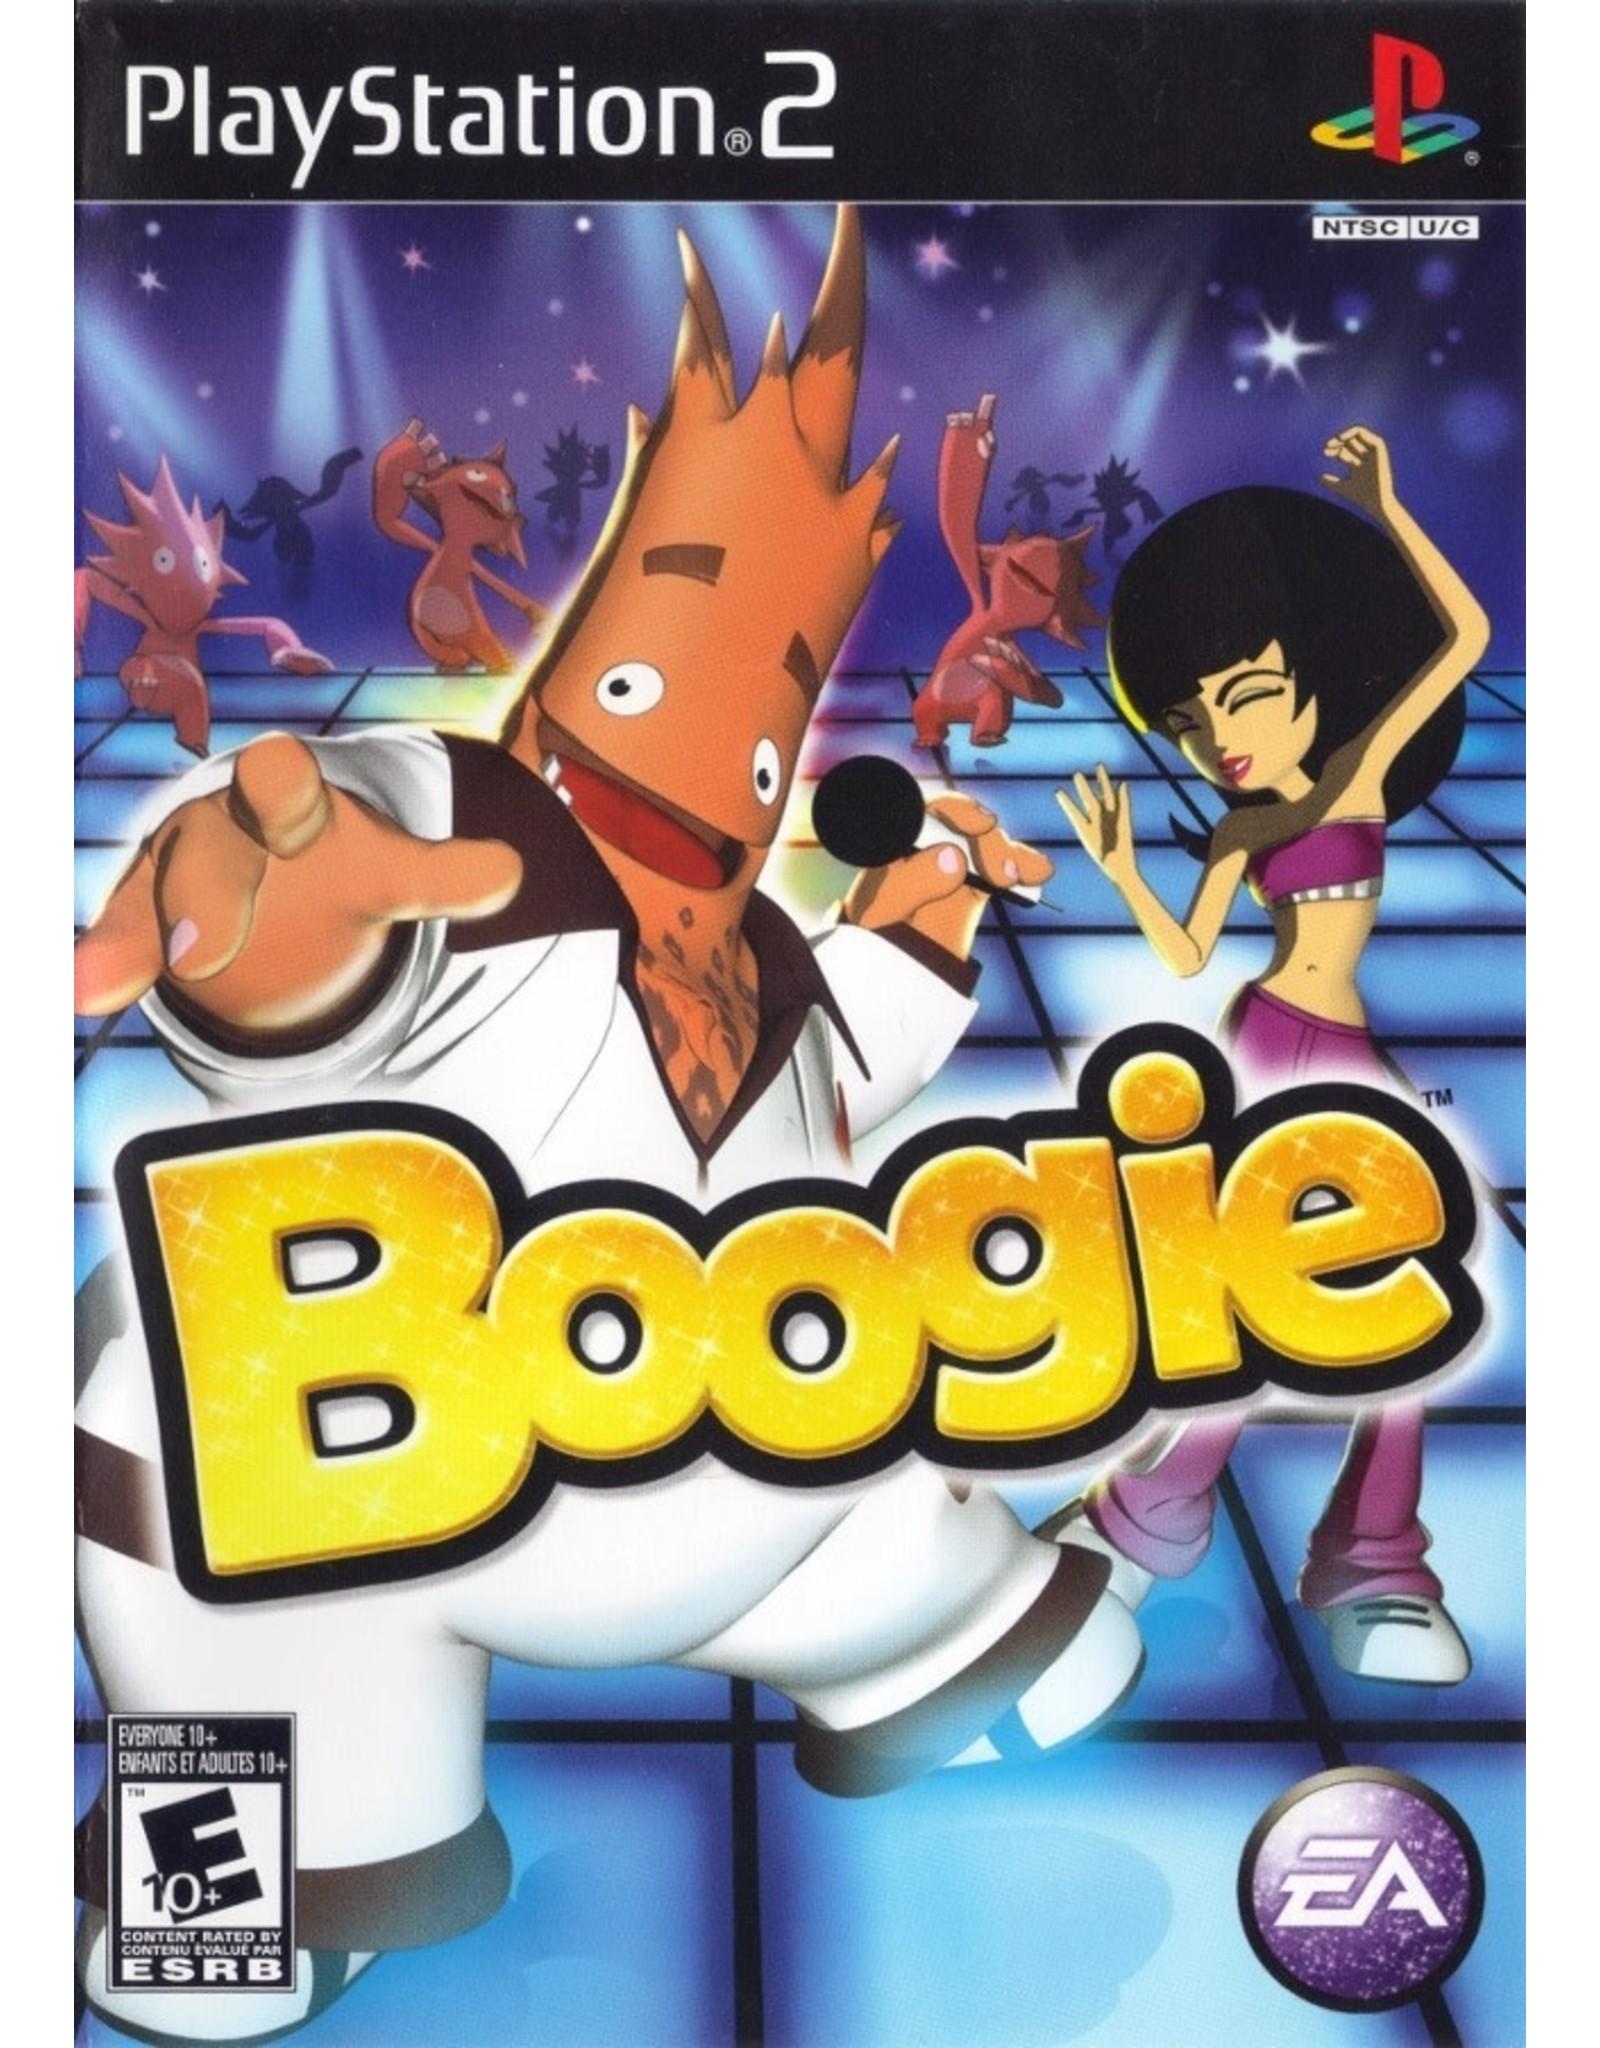 Playstation 2 Boogie (CiB)